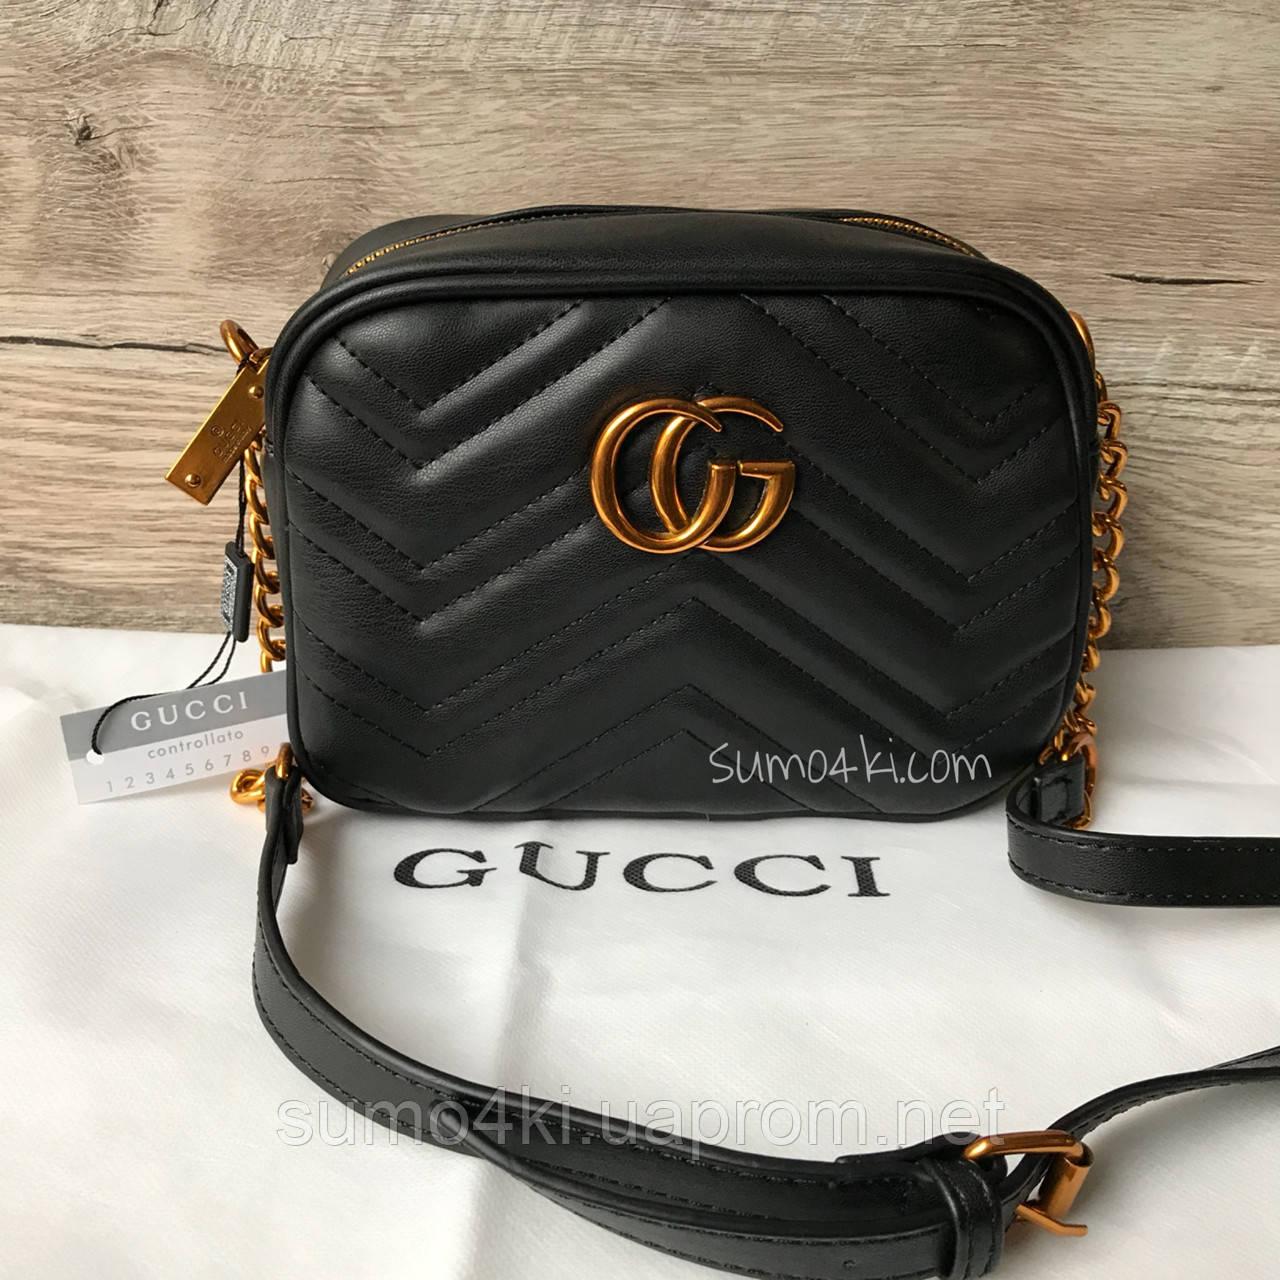 Женская маленькая сумка Gucci Гуччи Marmont - Интернет-магазин «Галерея  Сумок» в Одессе 72551d9aaf0